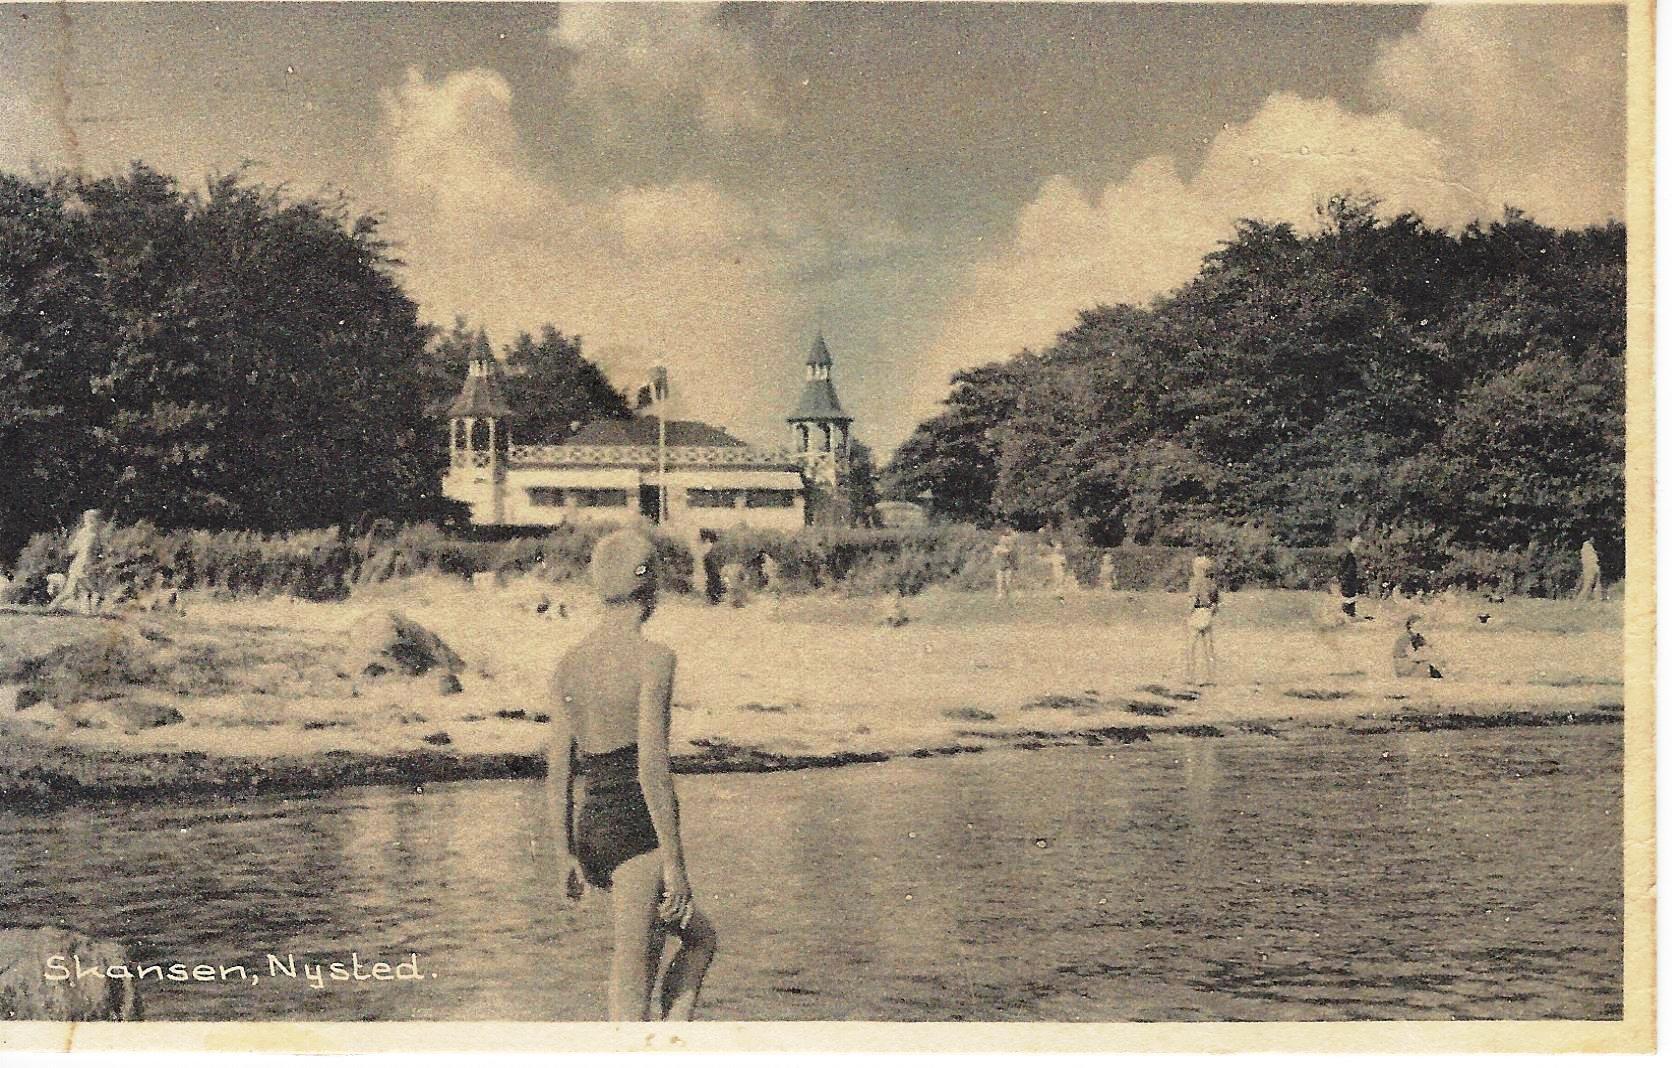 18-Skansepavillonen-1948-05